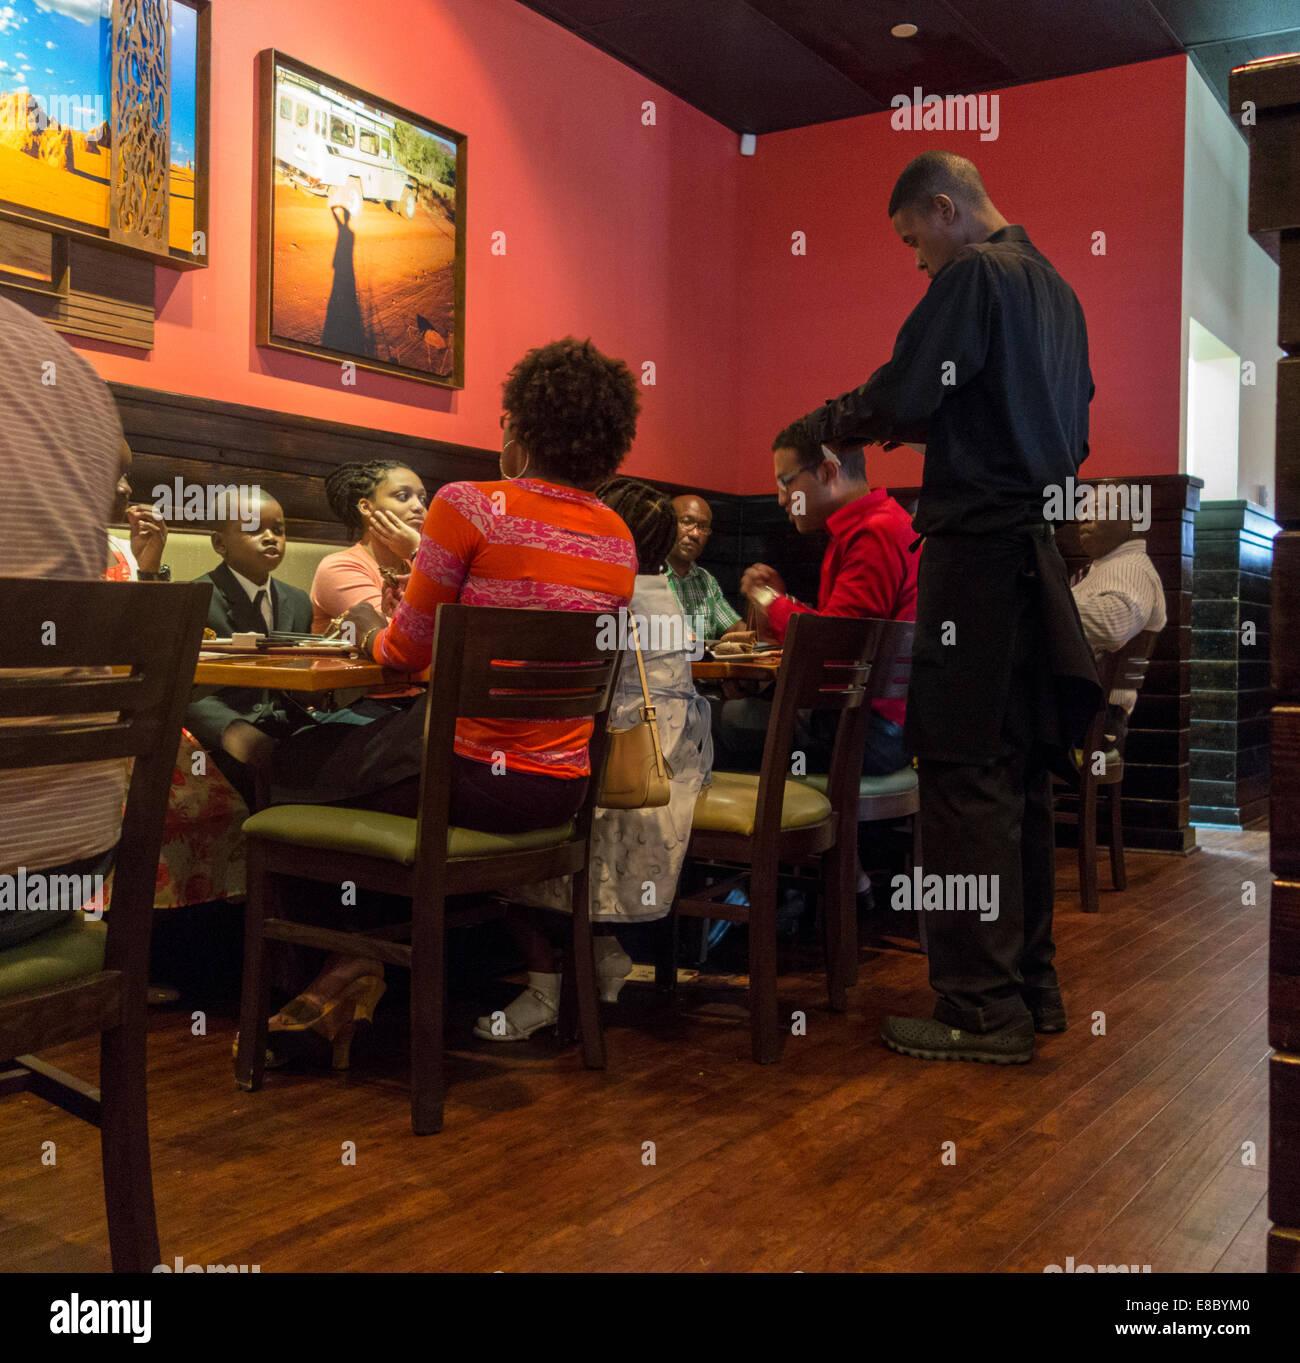 Restaurants, Outback Steakhouse Familienrestaurant, Nassau, Bahamas Stockbild